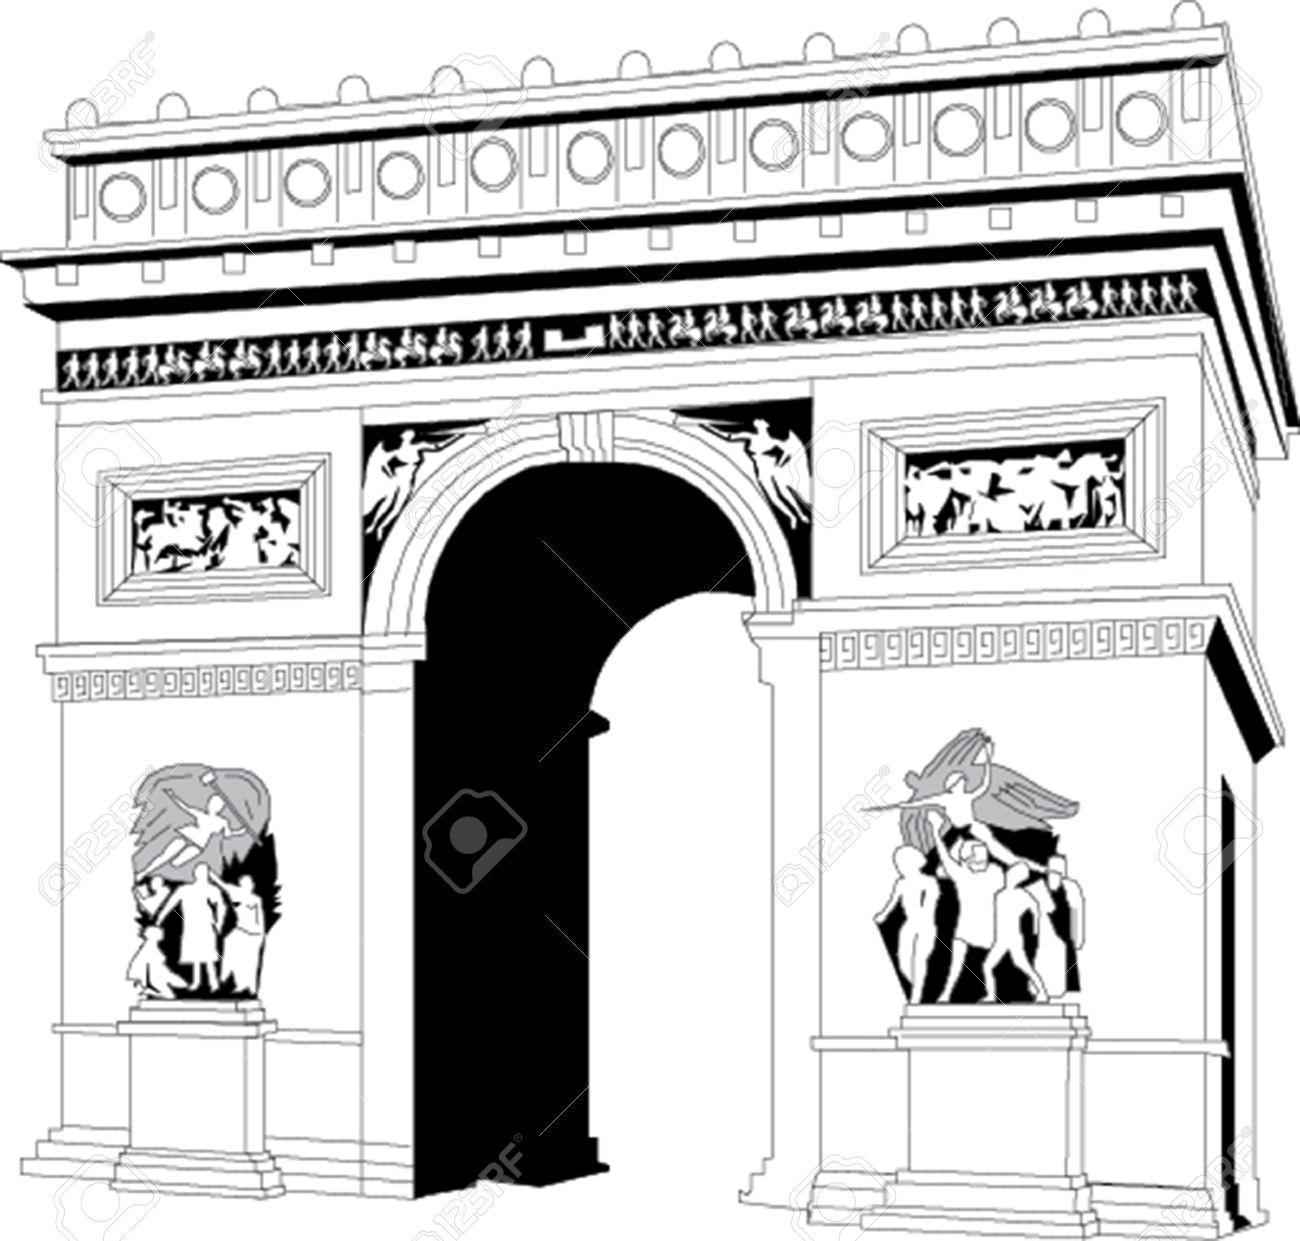 Arche de triomphe clipart - Clipground